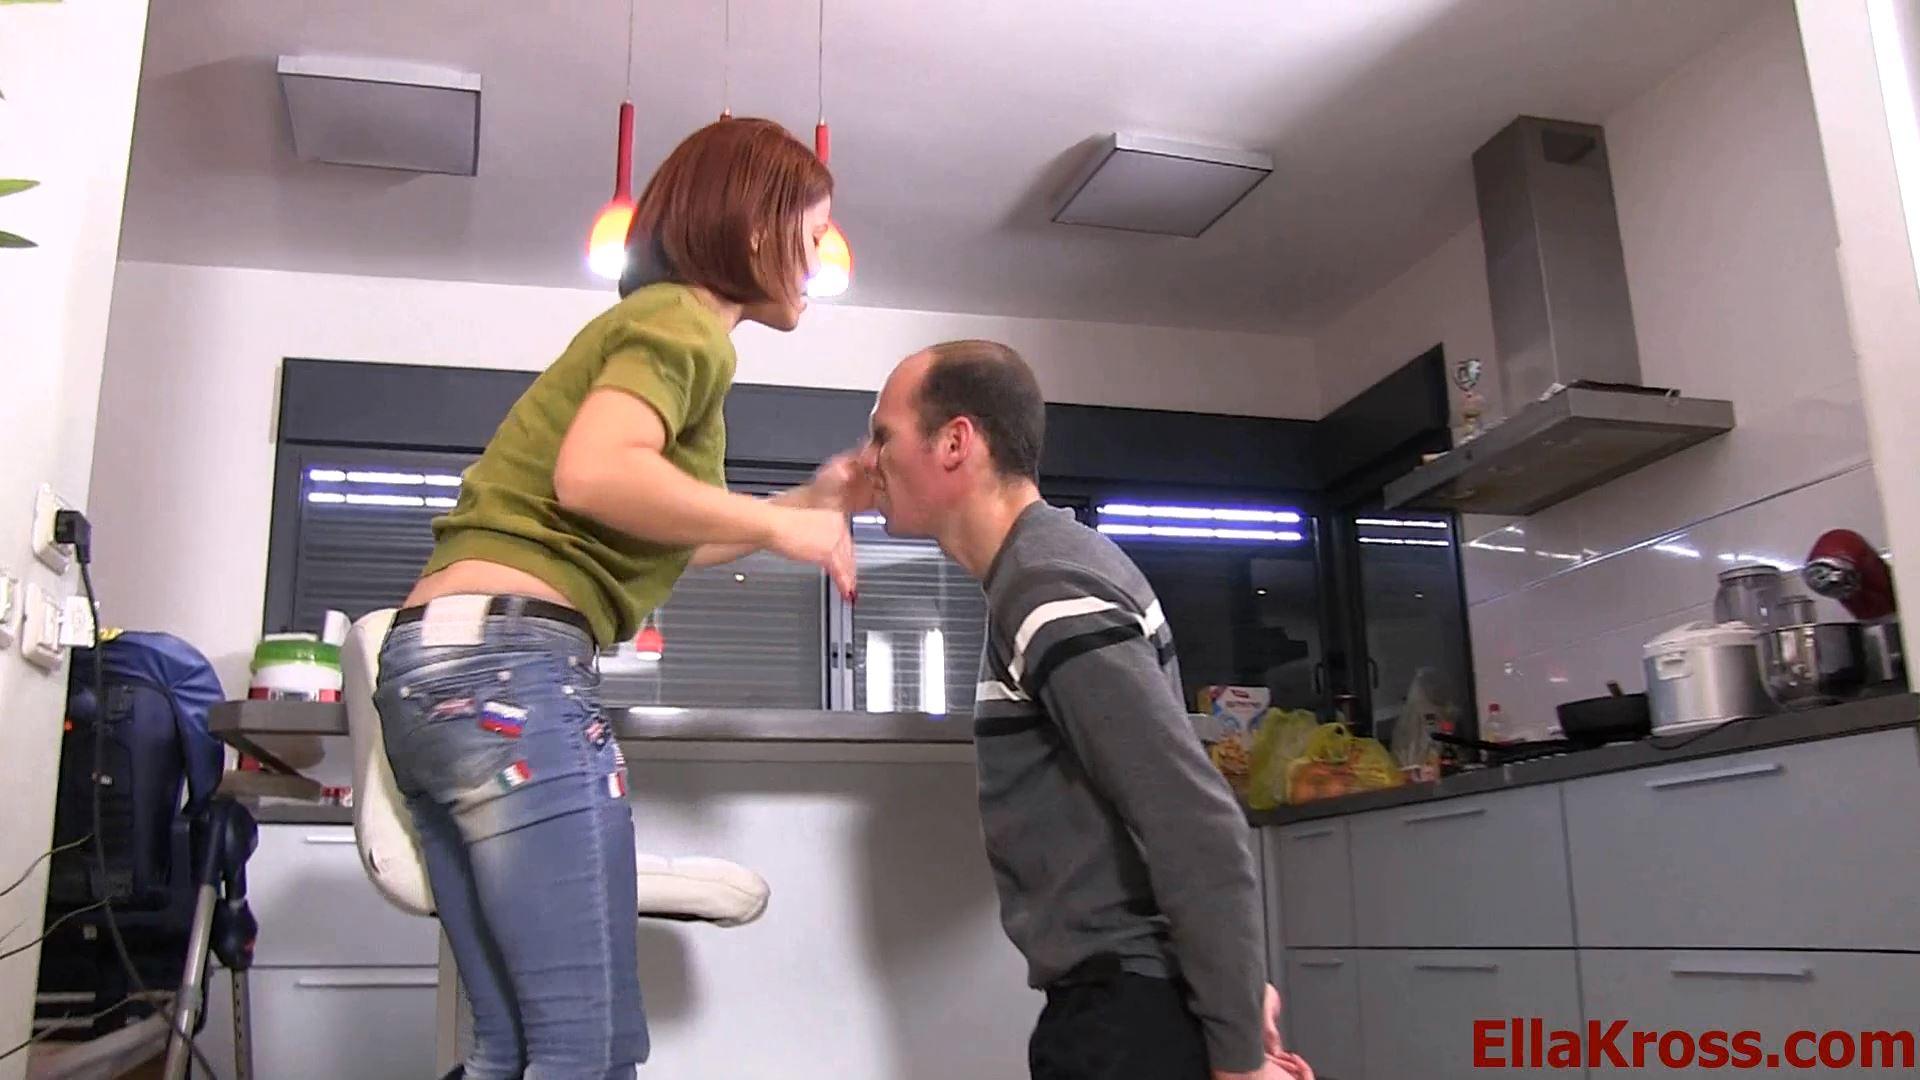 Ella Kross In Scene: Punishing a Stupid Robber's Ass Part 1 - ELLAKROSS - FULL HD/1080p/MP4